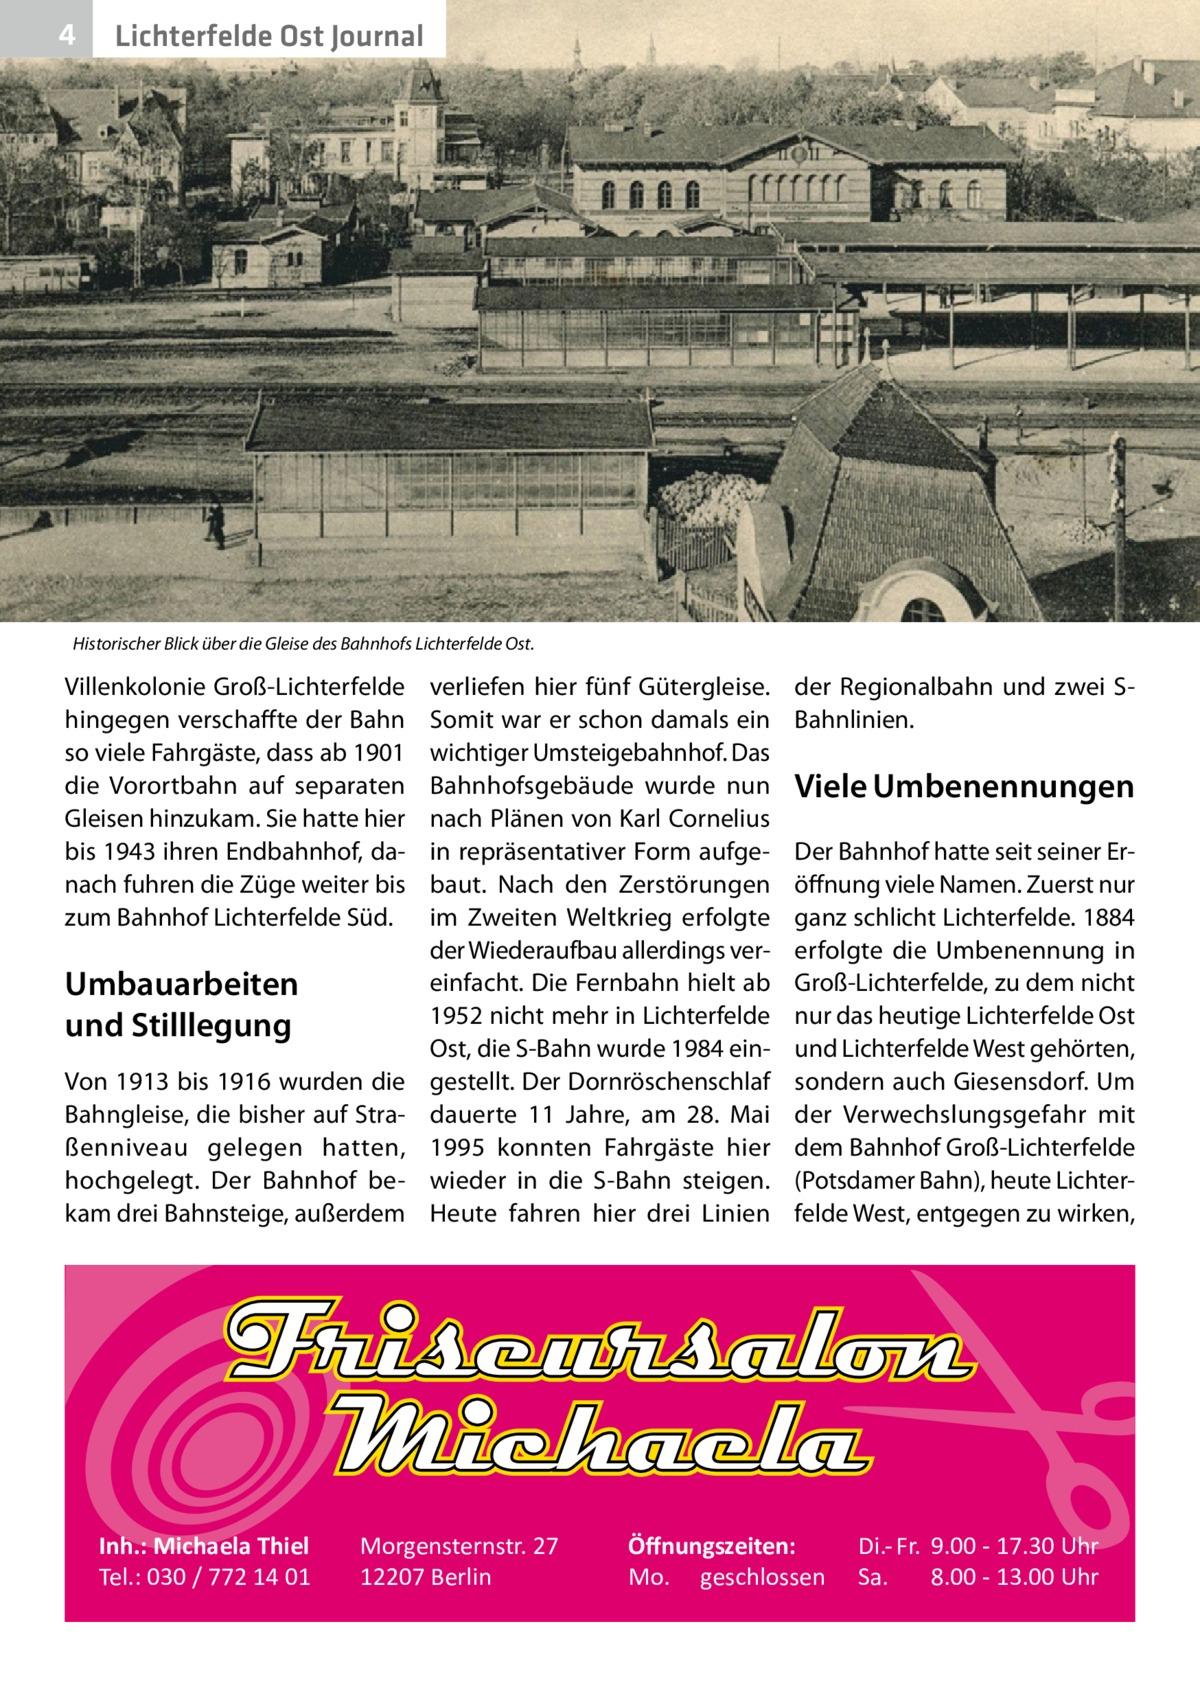 4  Lichterfelde Ost Journal  Historischer Blick über die Gleise des Bahnhofs Lichterfelde Ost.  Villenkolonie Groß-Lichterfelde hingegen verschaffte der Bahn so viele Fahrgäste, dass ab 1901 die Vorortbahn auf separaten Gleisen hinzukam. Sie hatte hier bis 1943 ihren Endbahnhof, danach fuhren die Züge weiter bis zum Bahnhof Lichterfelde Süd.  Umbauarbeiten und Stilllegung Von 1913 bis 1916 wurden die Bahngleise, die bisher auf Straßenniveau gelegen hatten, hochgelegt. Der Bahnhof bekam drei Bahnsteige, außerdem  Inh.: Michaela Thiel Tel.: 030 / 772 14 01  verliefen hier fünf Gütergleise. Somit war er schon damals ein wichtiger Umsteigebahnhof. Das Bahnhofsgebäude wurde nun nach Plänen von Karl Cornelius in repräsentativer Form aufgebaut. Nach den Zerstörungen im Zweiten Weltkrieg erfolgte der Wiederaufbau allerdings vereinfacht. Die Fernbahn hielt ab 1952 nicht mehr in Lichterfelde Ost, die S-Bahn wurde 1984 eingestellt. Der Dornröschenschlaf dauerte 11 Jahre, am 28. Mai 1995 konnten Fahrgäste hier wieder in die S-Bahn steigen. Heute fahren hier drei Linien  Morgensternstr. 27 12207 Berlin  der Regionalbahn und zwei SBahnlinien.  Viele Umbenennungen Der Bahnhof hatte seit seiner Eröffnung viele Namen. Zuerst nur ganz schlicht Lichterfelde. 1884 erfolgte die Umbenennung in Groß-Lichterfelde, zu dem nicht nur das heutige Lichterfelde Ost und Lichterfelde West gehörten, sondern auch Giesensdorf. Um der Verwechslungsgefahr mit dem Bahnhof Groß-Lichterfelde (Potsdamer Bahn), heute Lichterfelde West, entgegen zu wirken,  Öffnungszeiten: Mo. geschlossen  Di.- Fr. 9.00 - 17.30 Uhr Sa. 8.00 - 13.00 Uhr